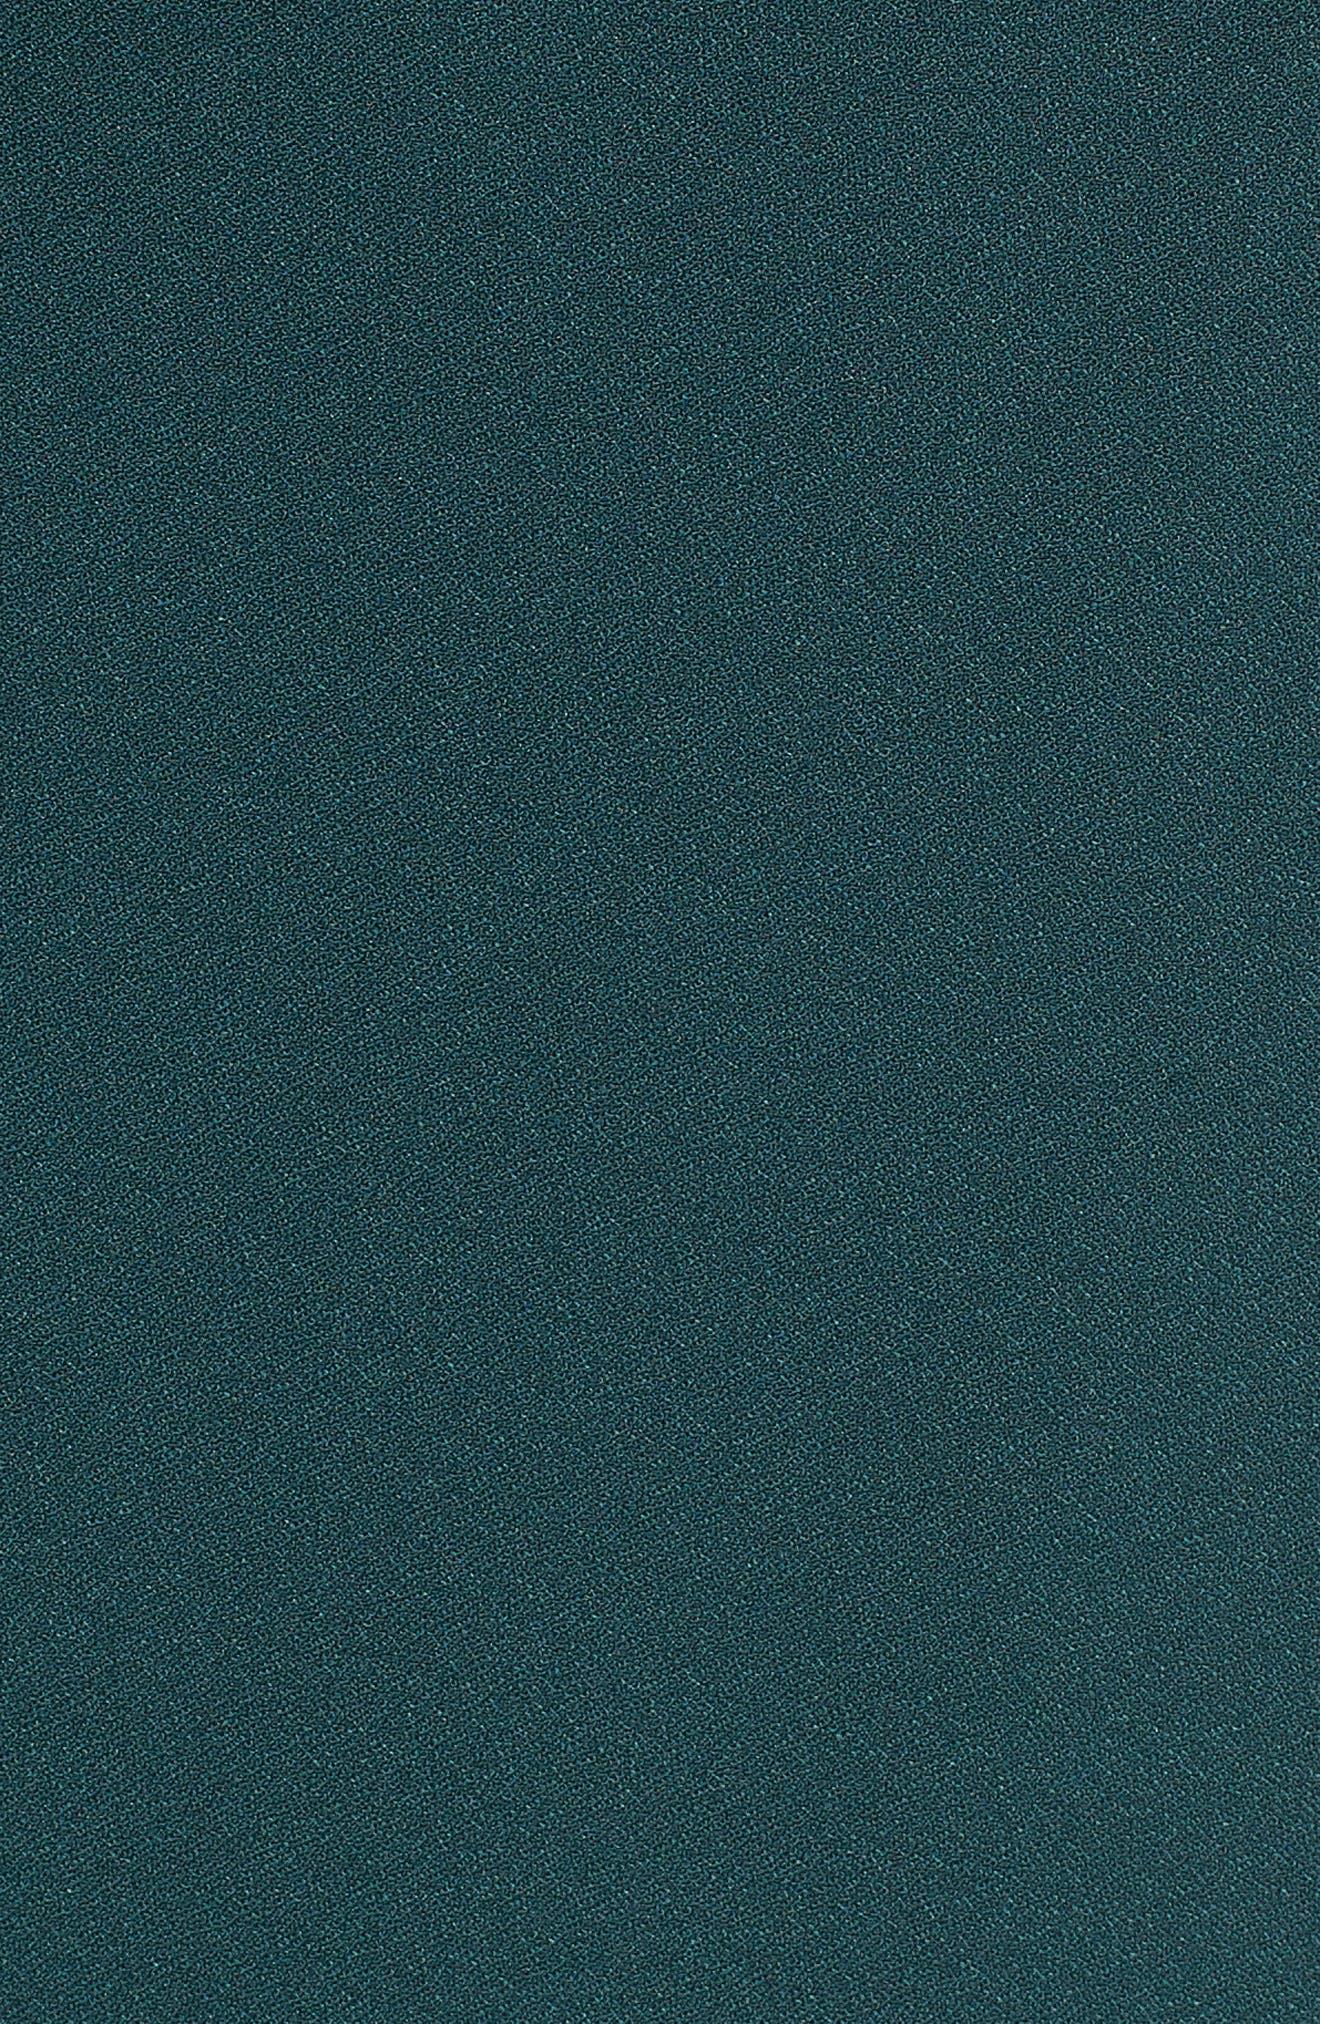 Kimono Maxi Dress,                             Alternate thumbnail 6, color,                             301